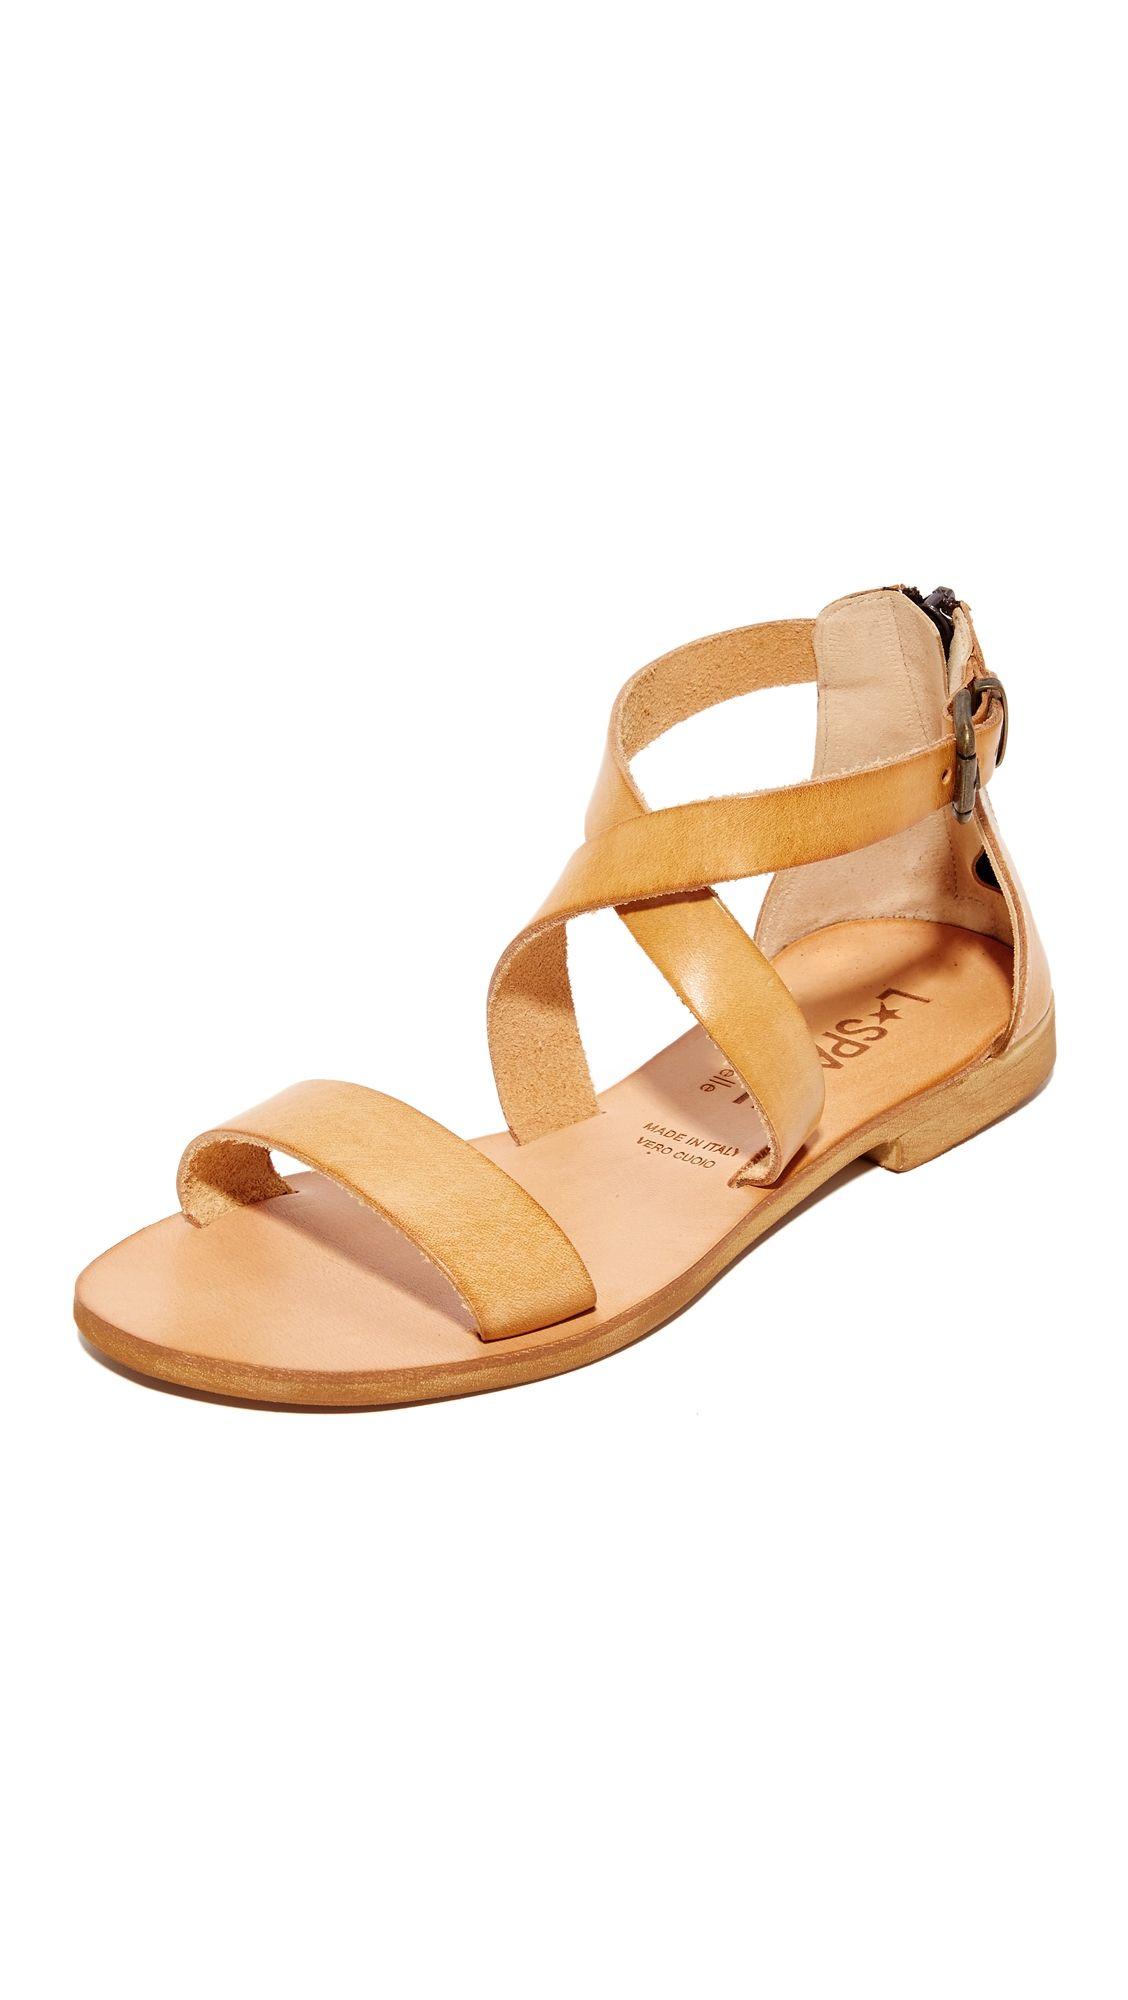 0e83e2179 Cocobelle L Space + Cocobelle Cavilla Sandals